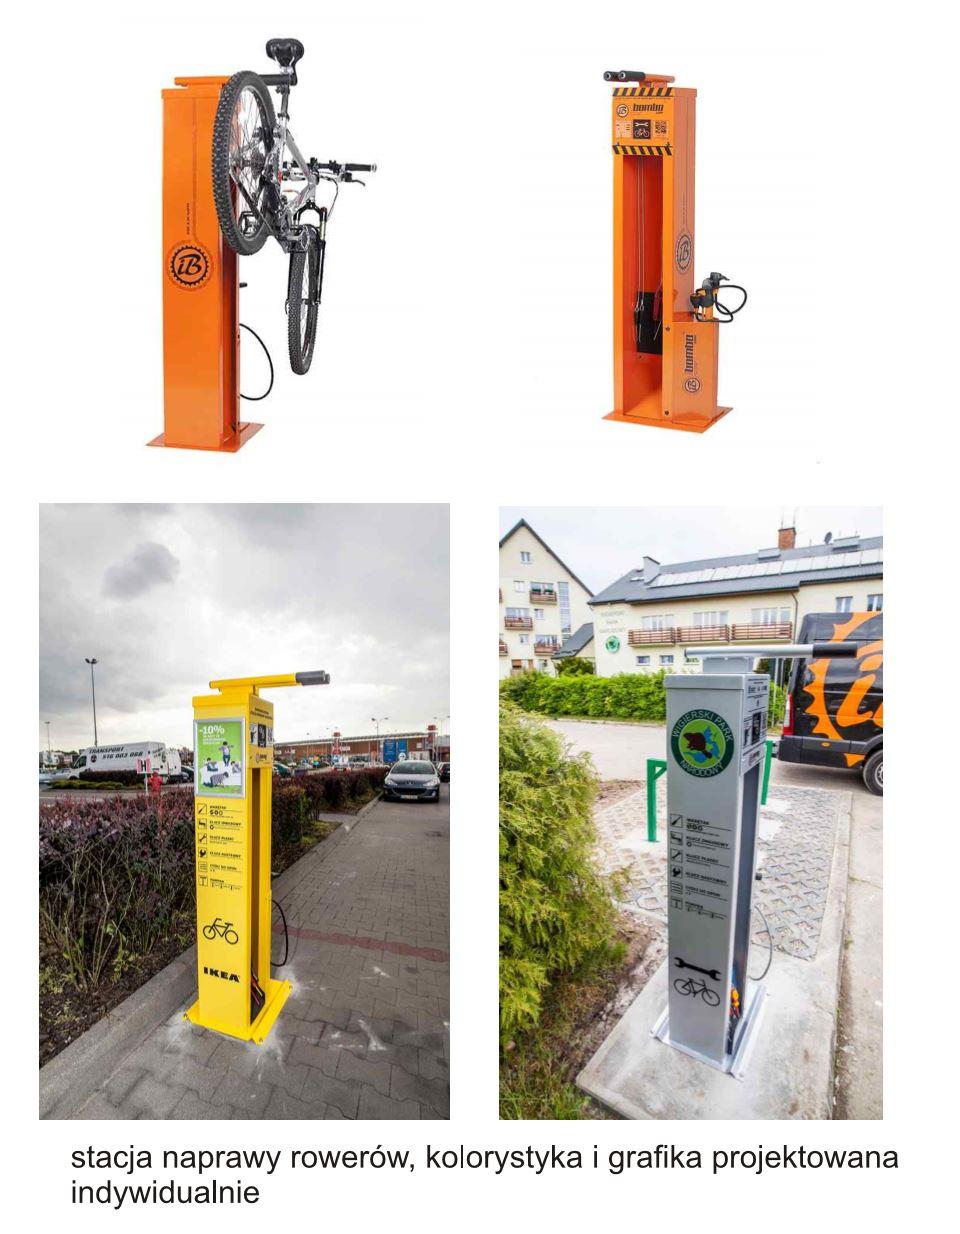 Stacja naprawy rowerów - samoobsługowa